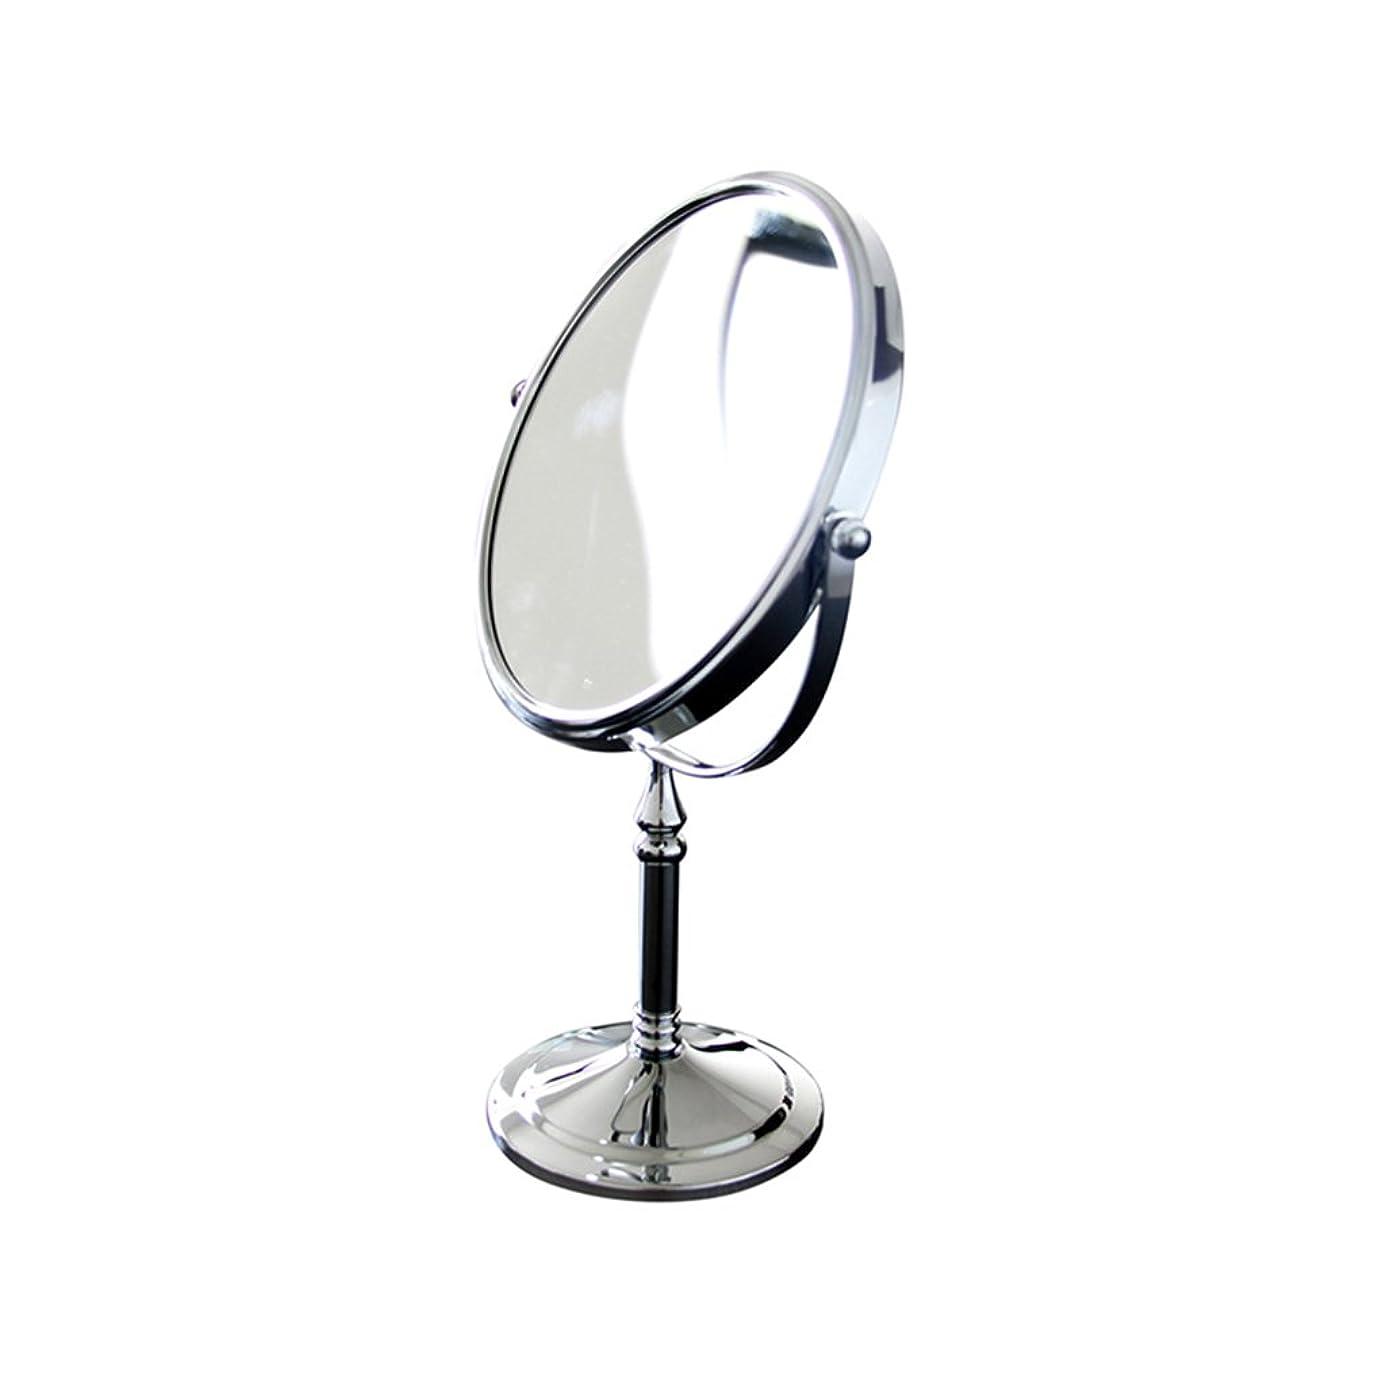 変な解決幸運1倍/ 3倍倍率両面化粧鏡、360度回転卓上化粧台化粧鏡用寝室またはバスルーム